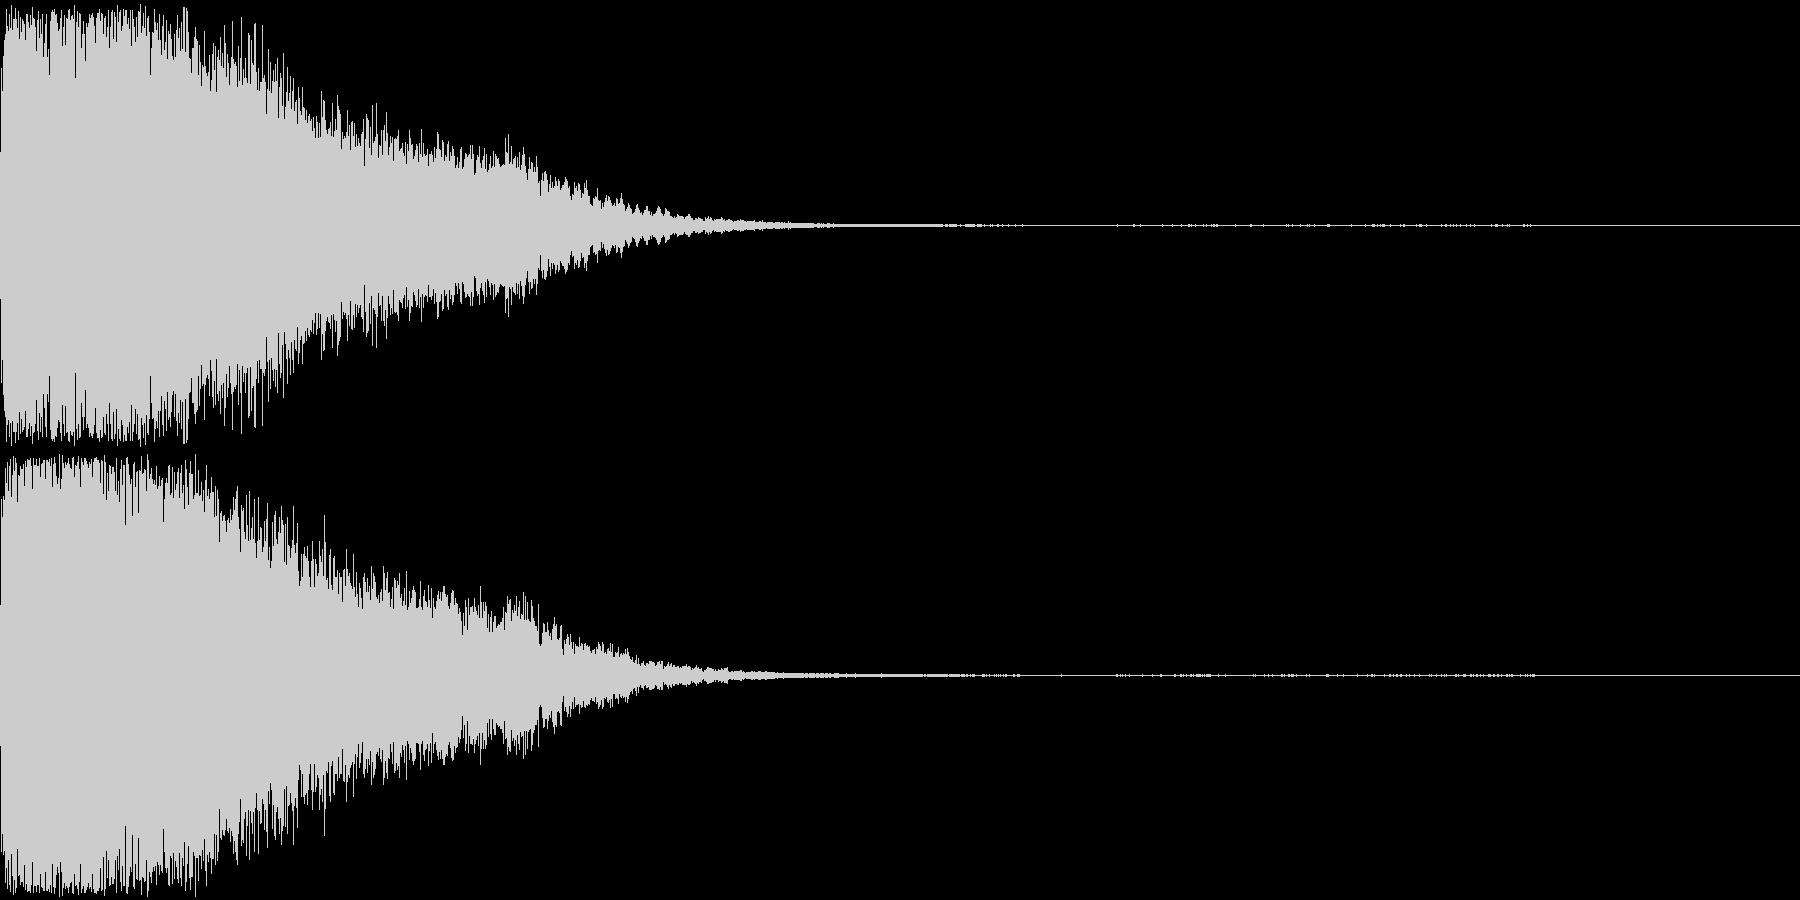 刀 剣 ソード カキーン キュイーン03の未再生の波形